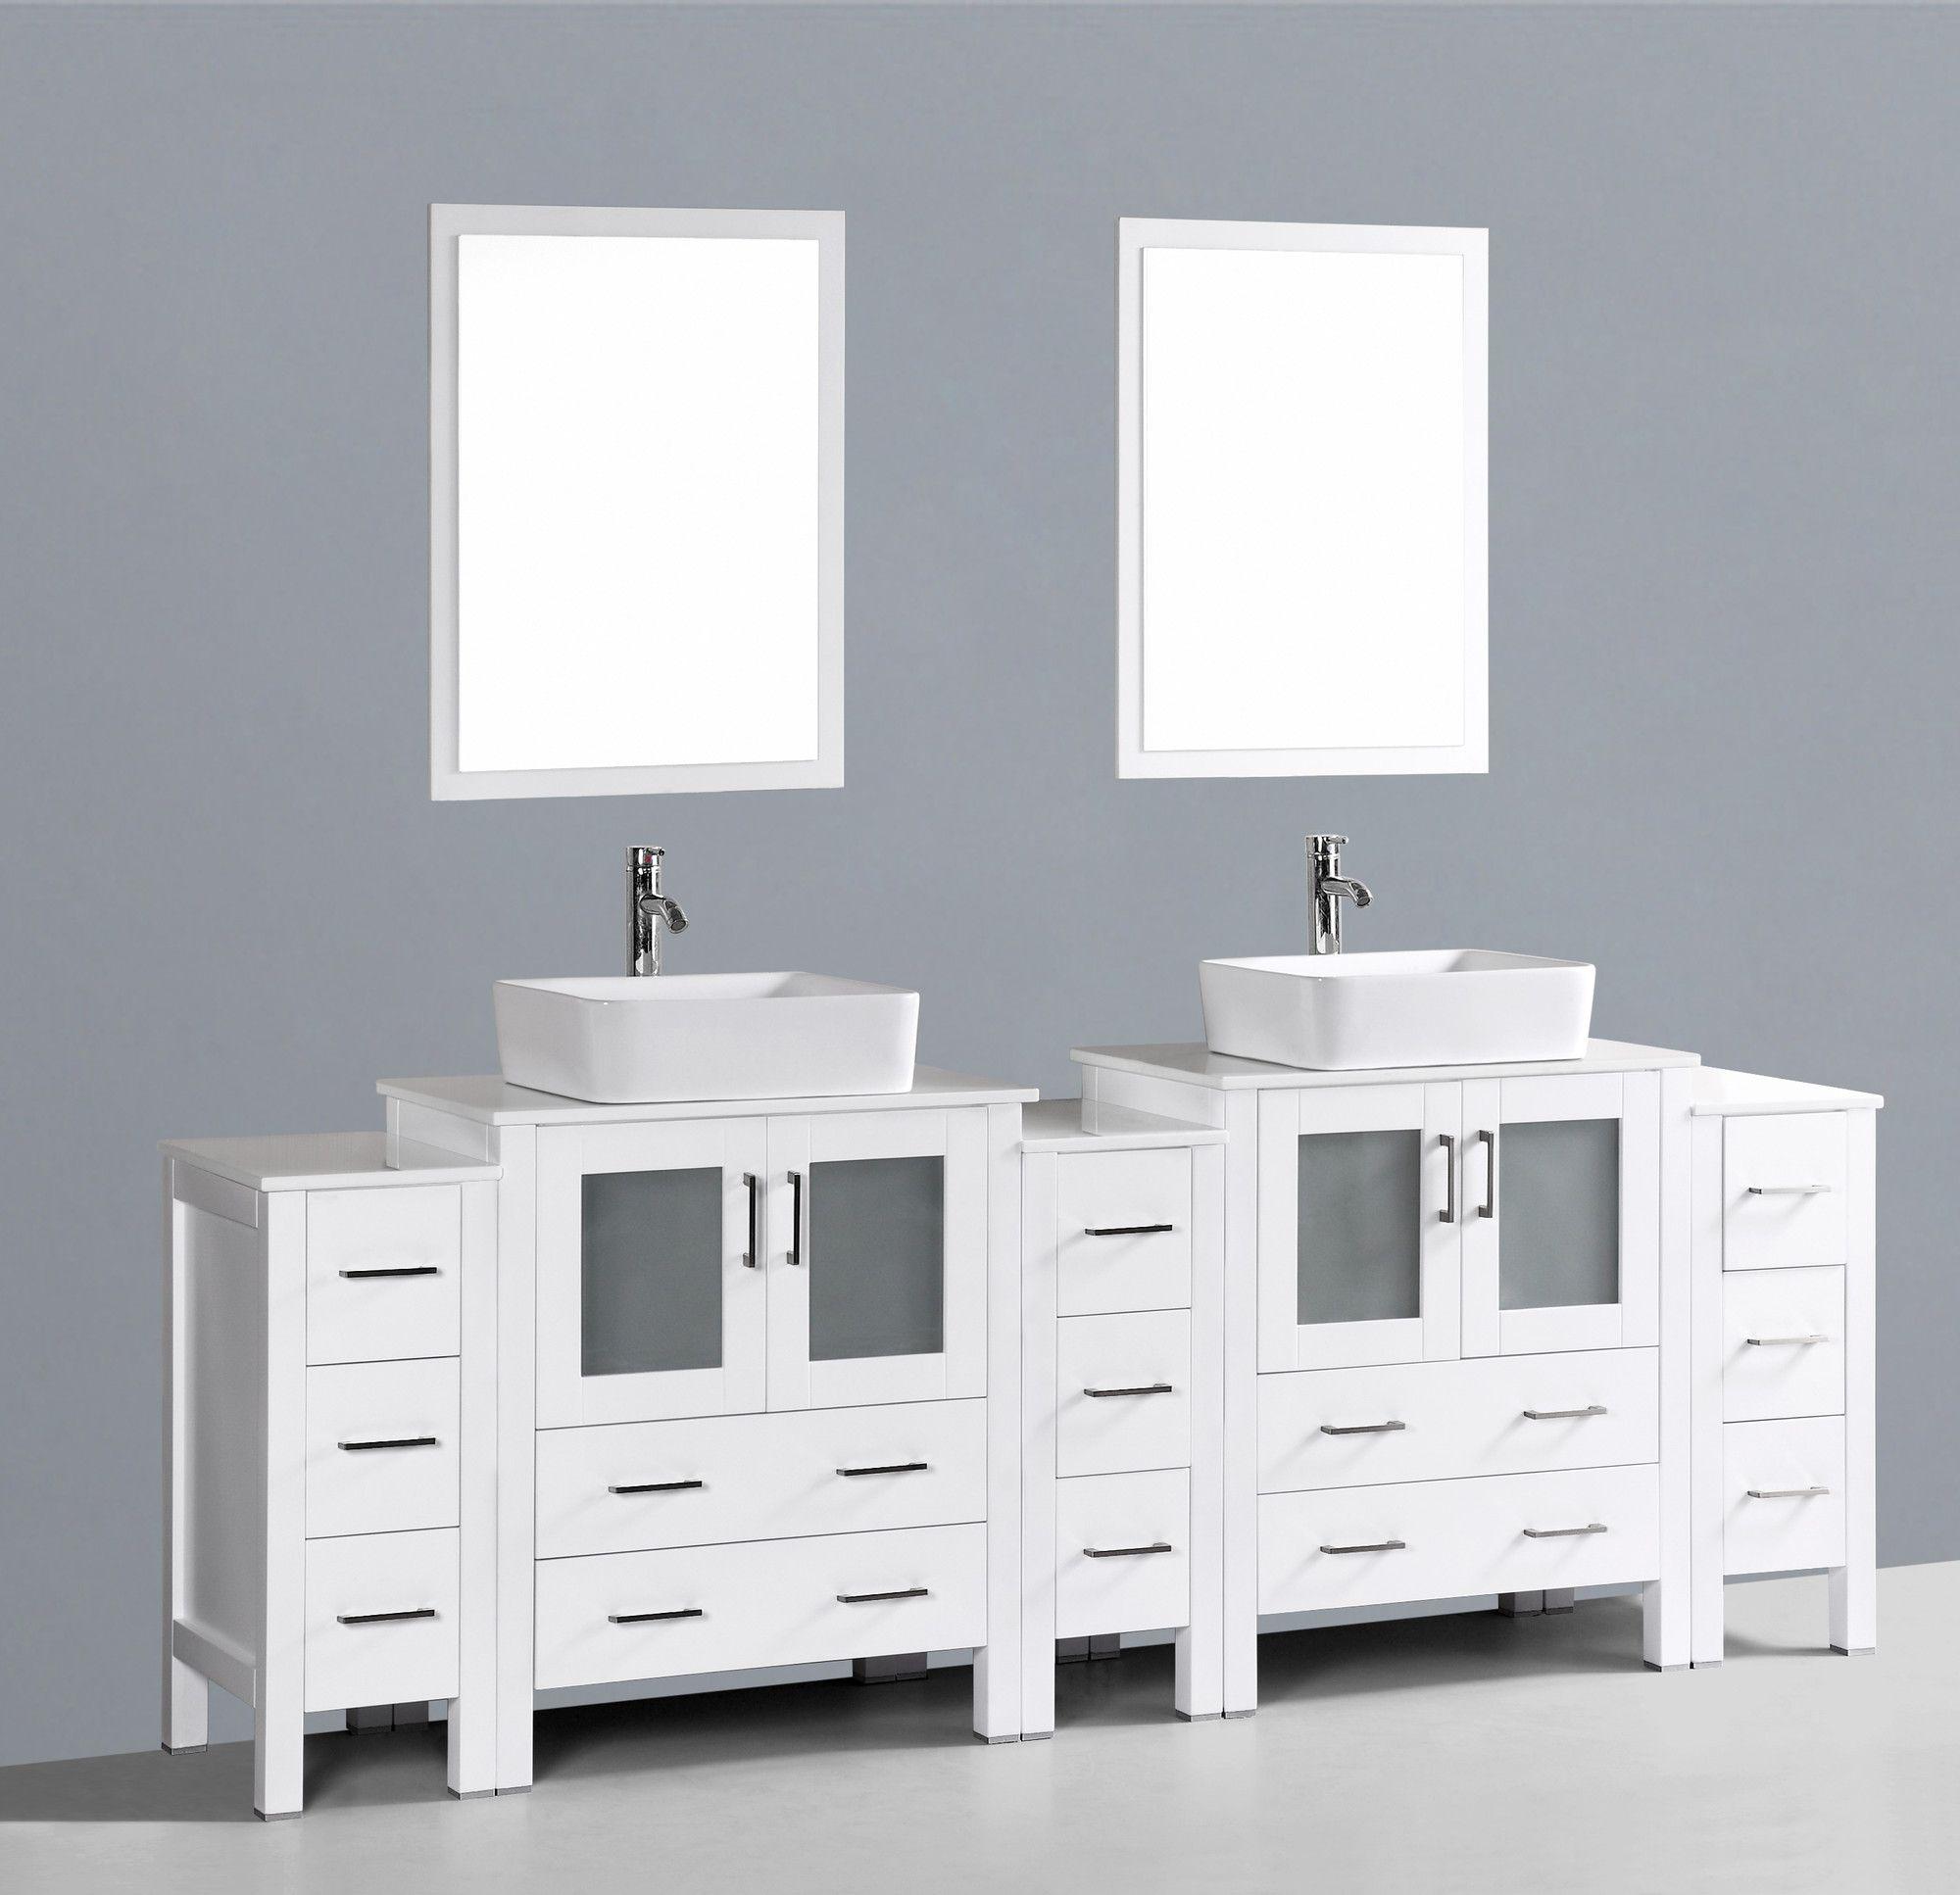 Gespiegelt Badezimmer Eitelkeit Bad Doppelwaschtisch Waschbeckenunterschrank Frisiertisch